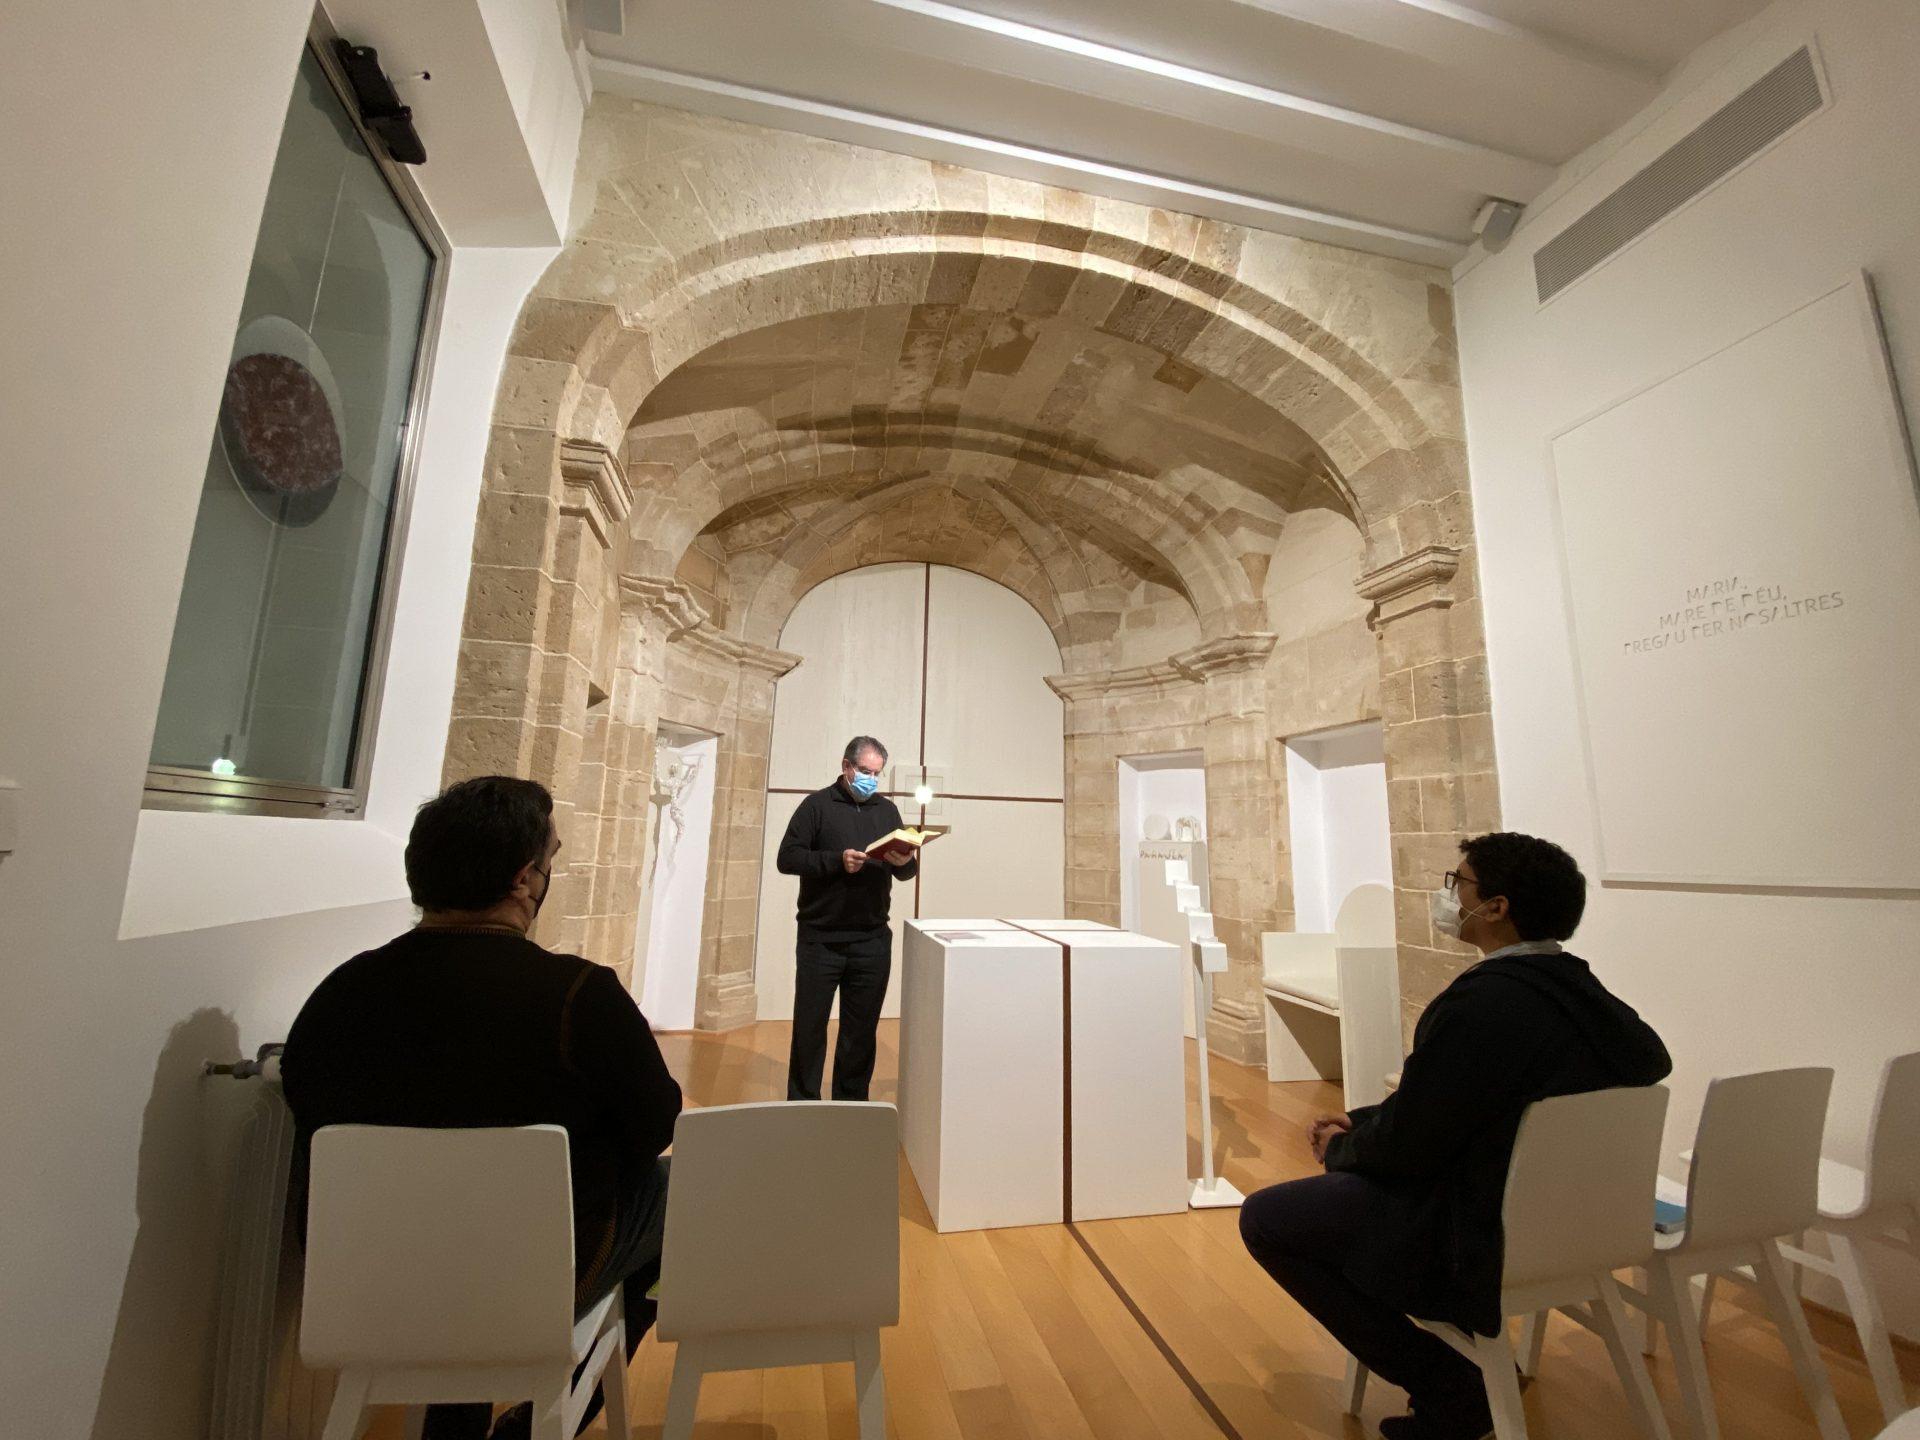 Diócesis de Mallorca, España: Comienzo de Curso Propedéutico